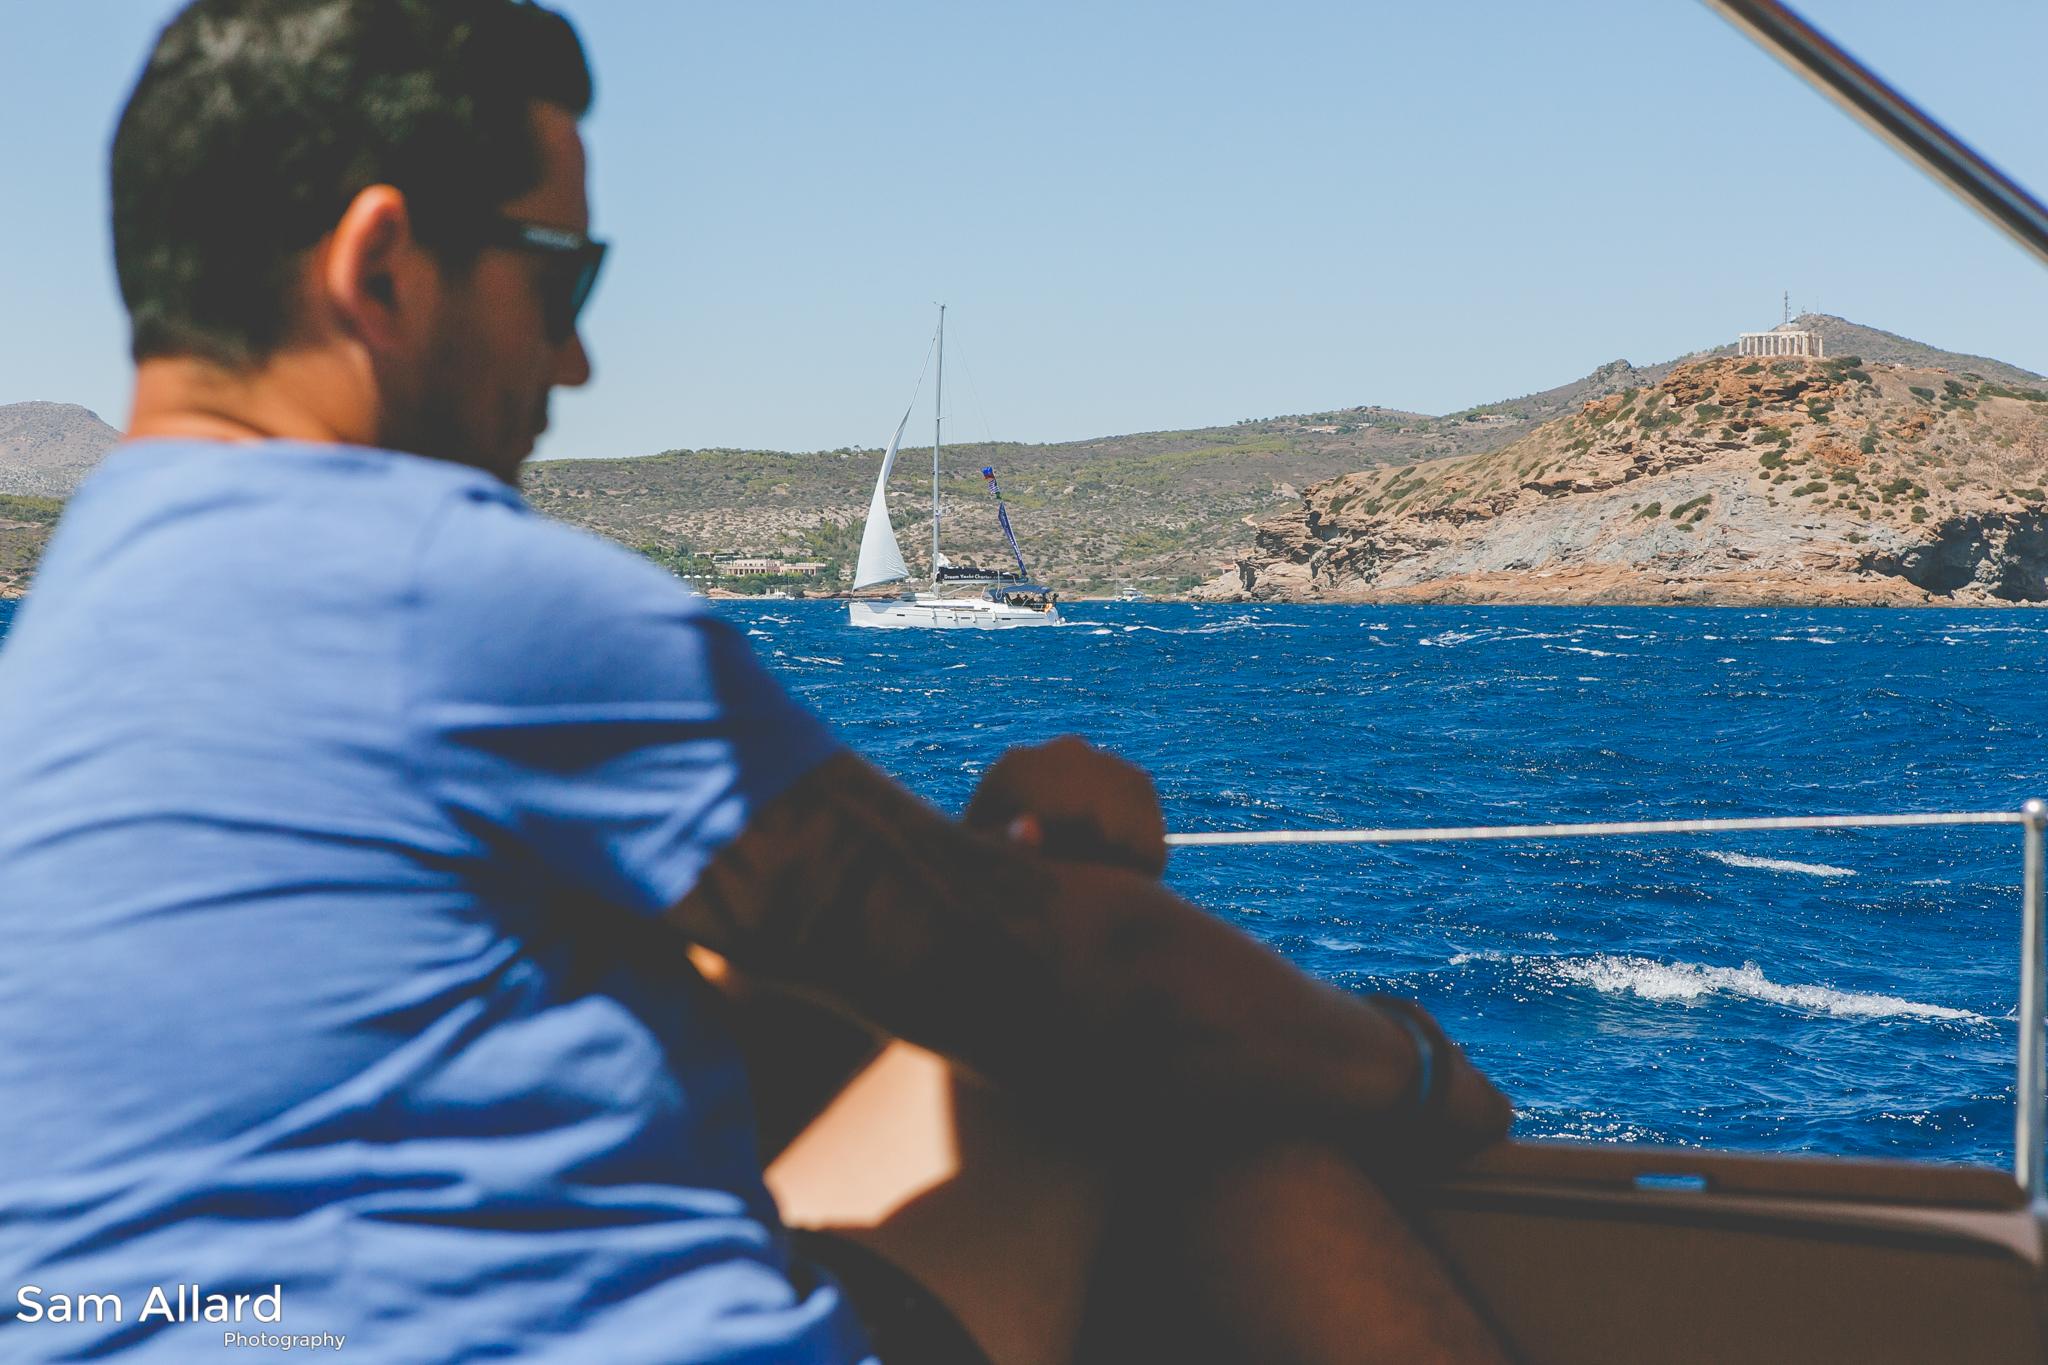 SamAllard_YachtWeek_Week33_168.jpg